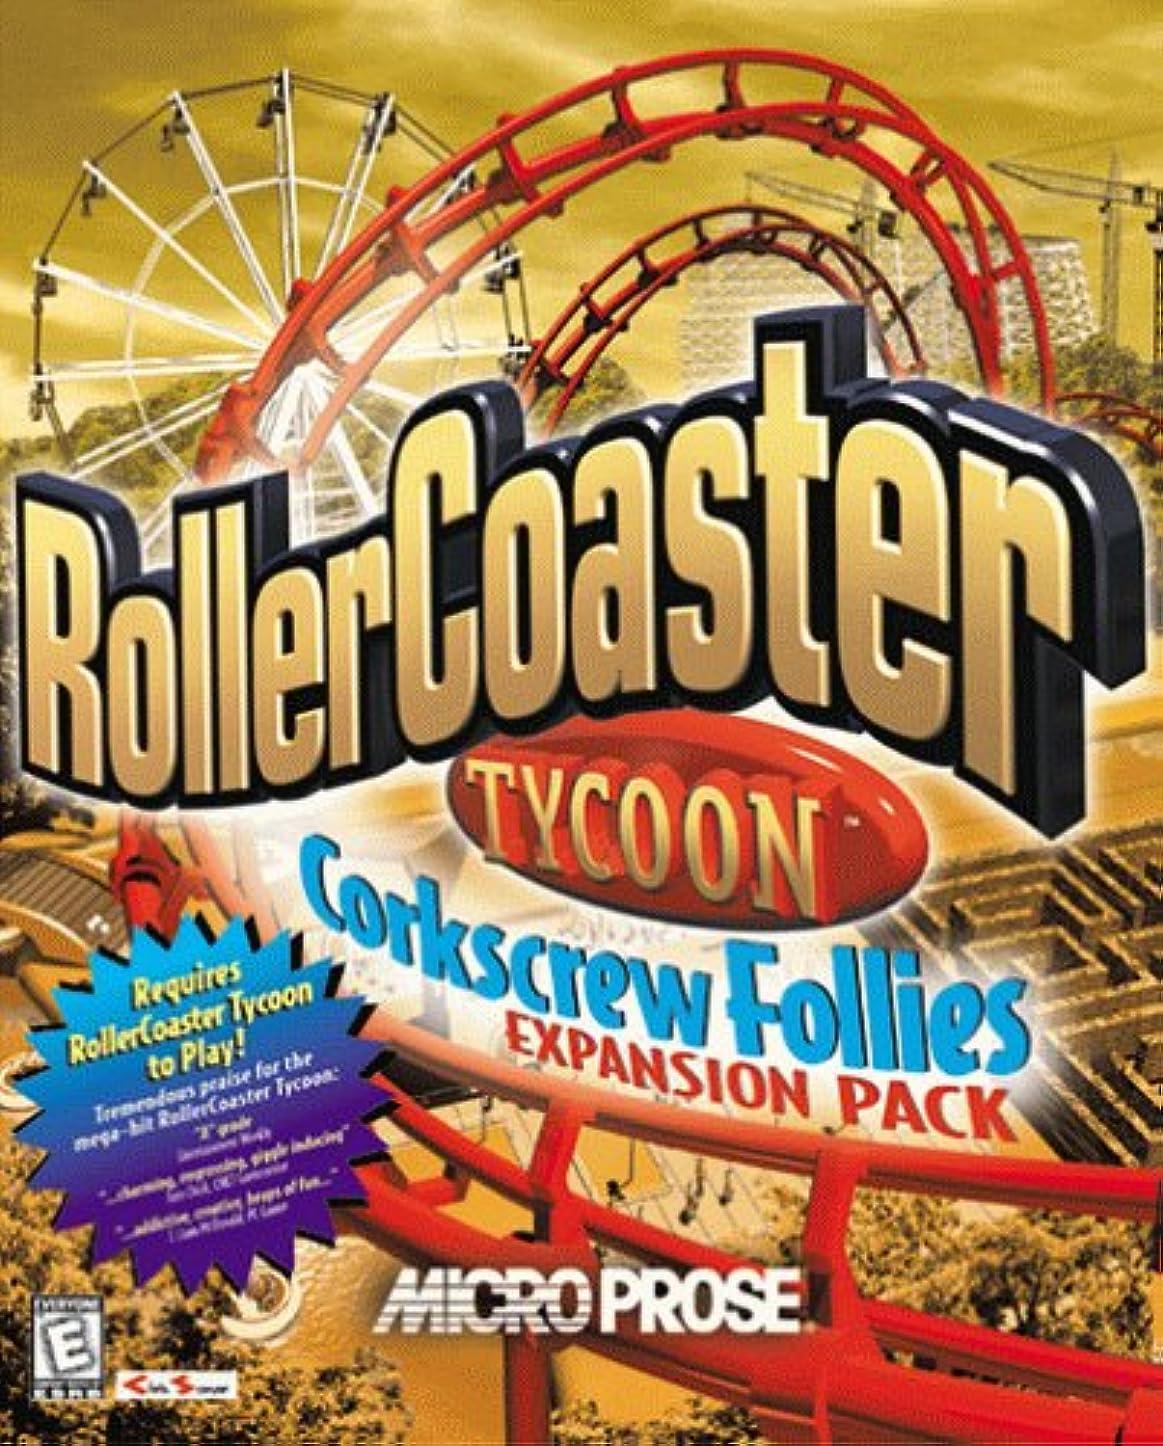 大佐ブラウスガラスRoller Coaster Tycoon Expansion Pack: Corkscrew Follies (輸入版)